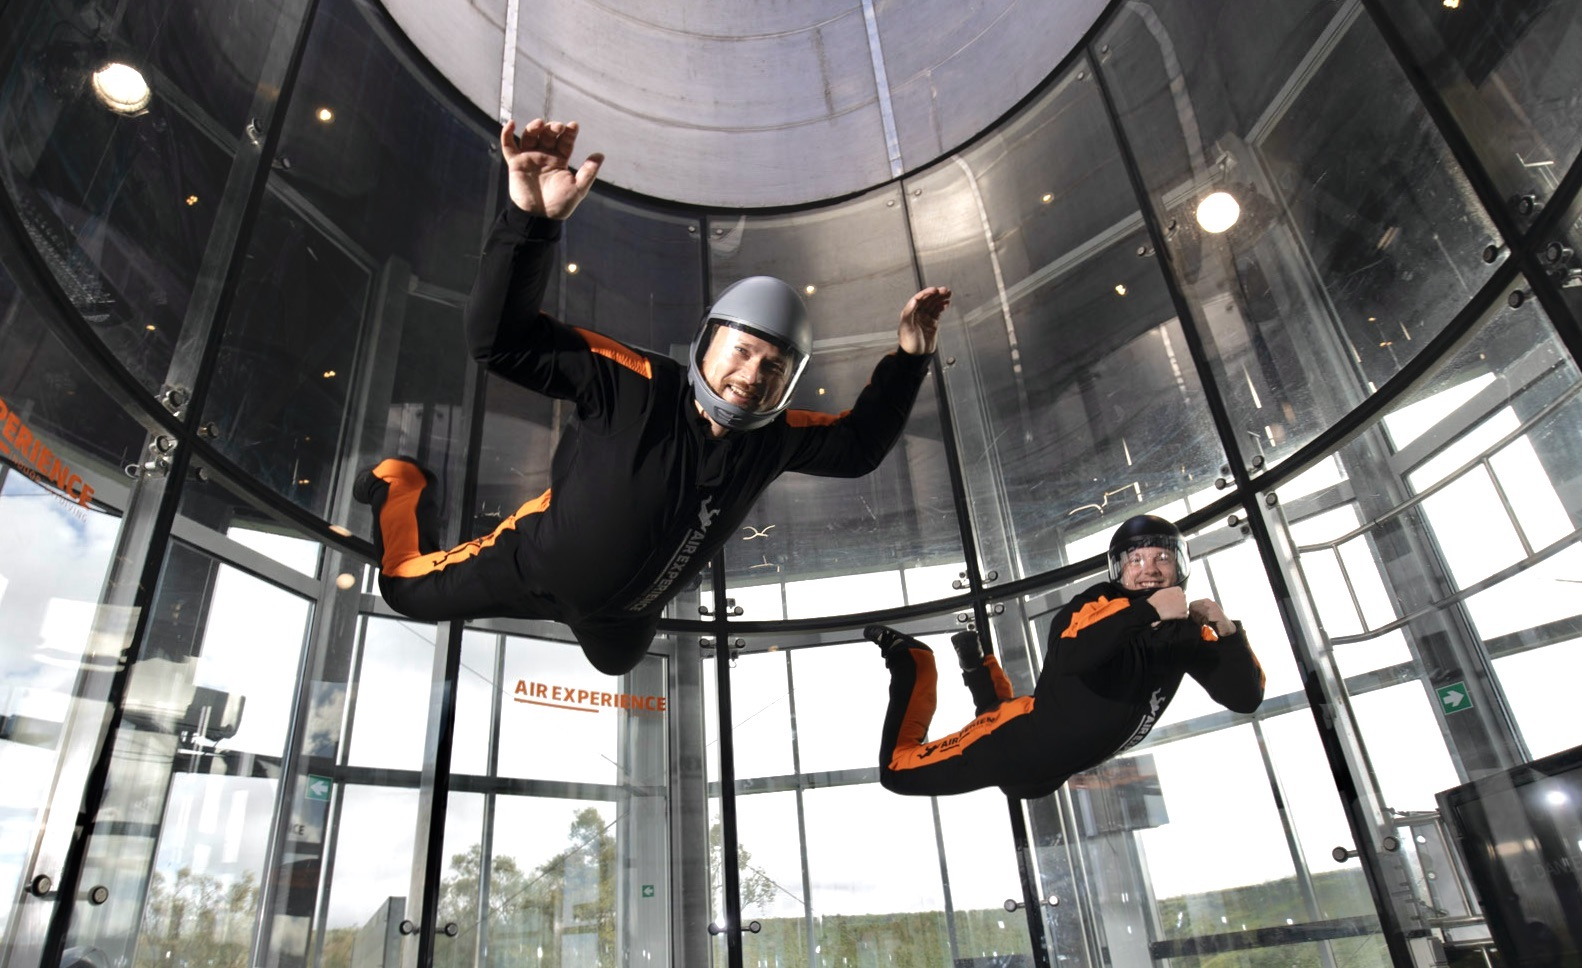 Bidt af at flyve indoor skydiving